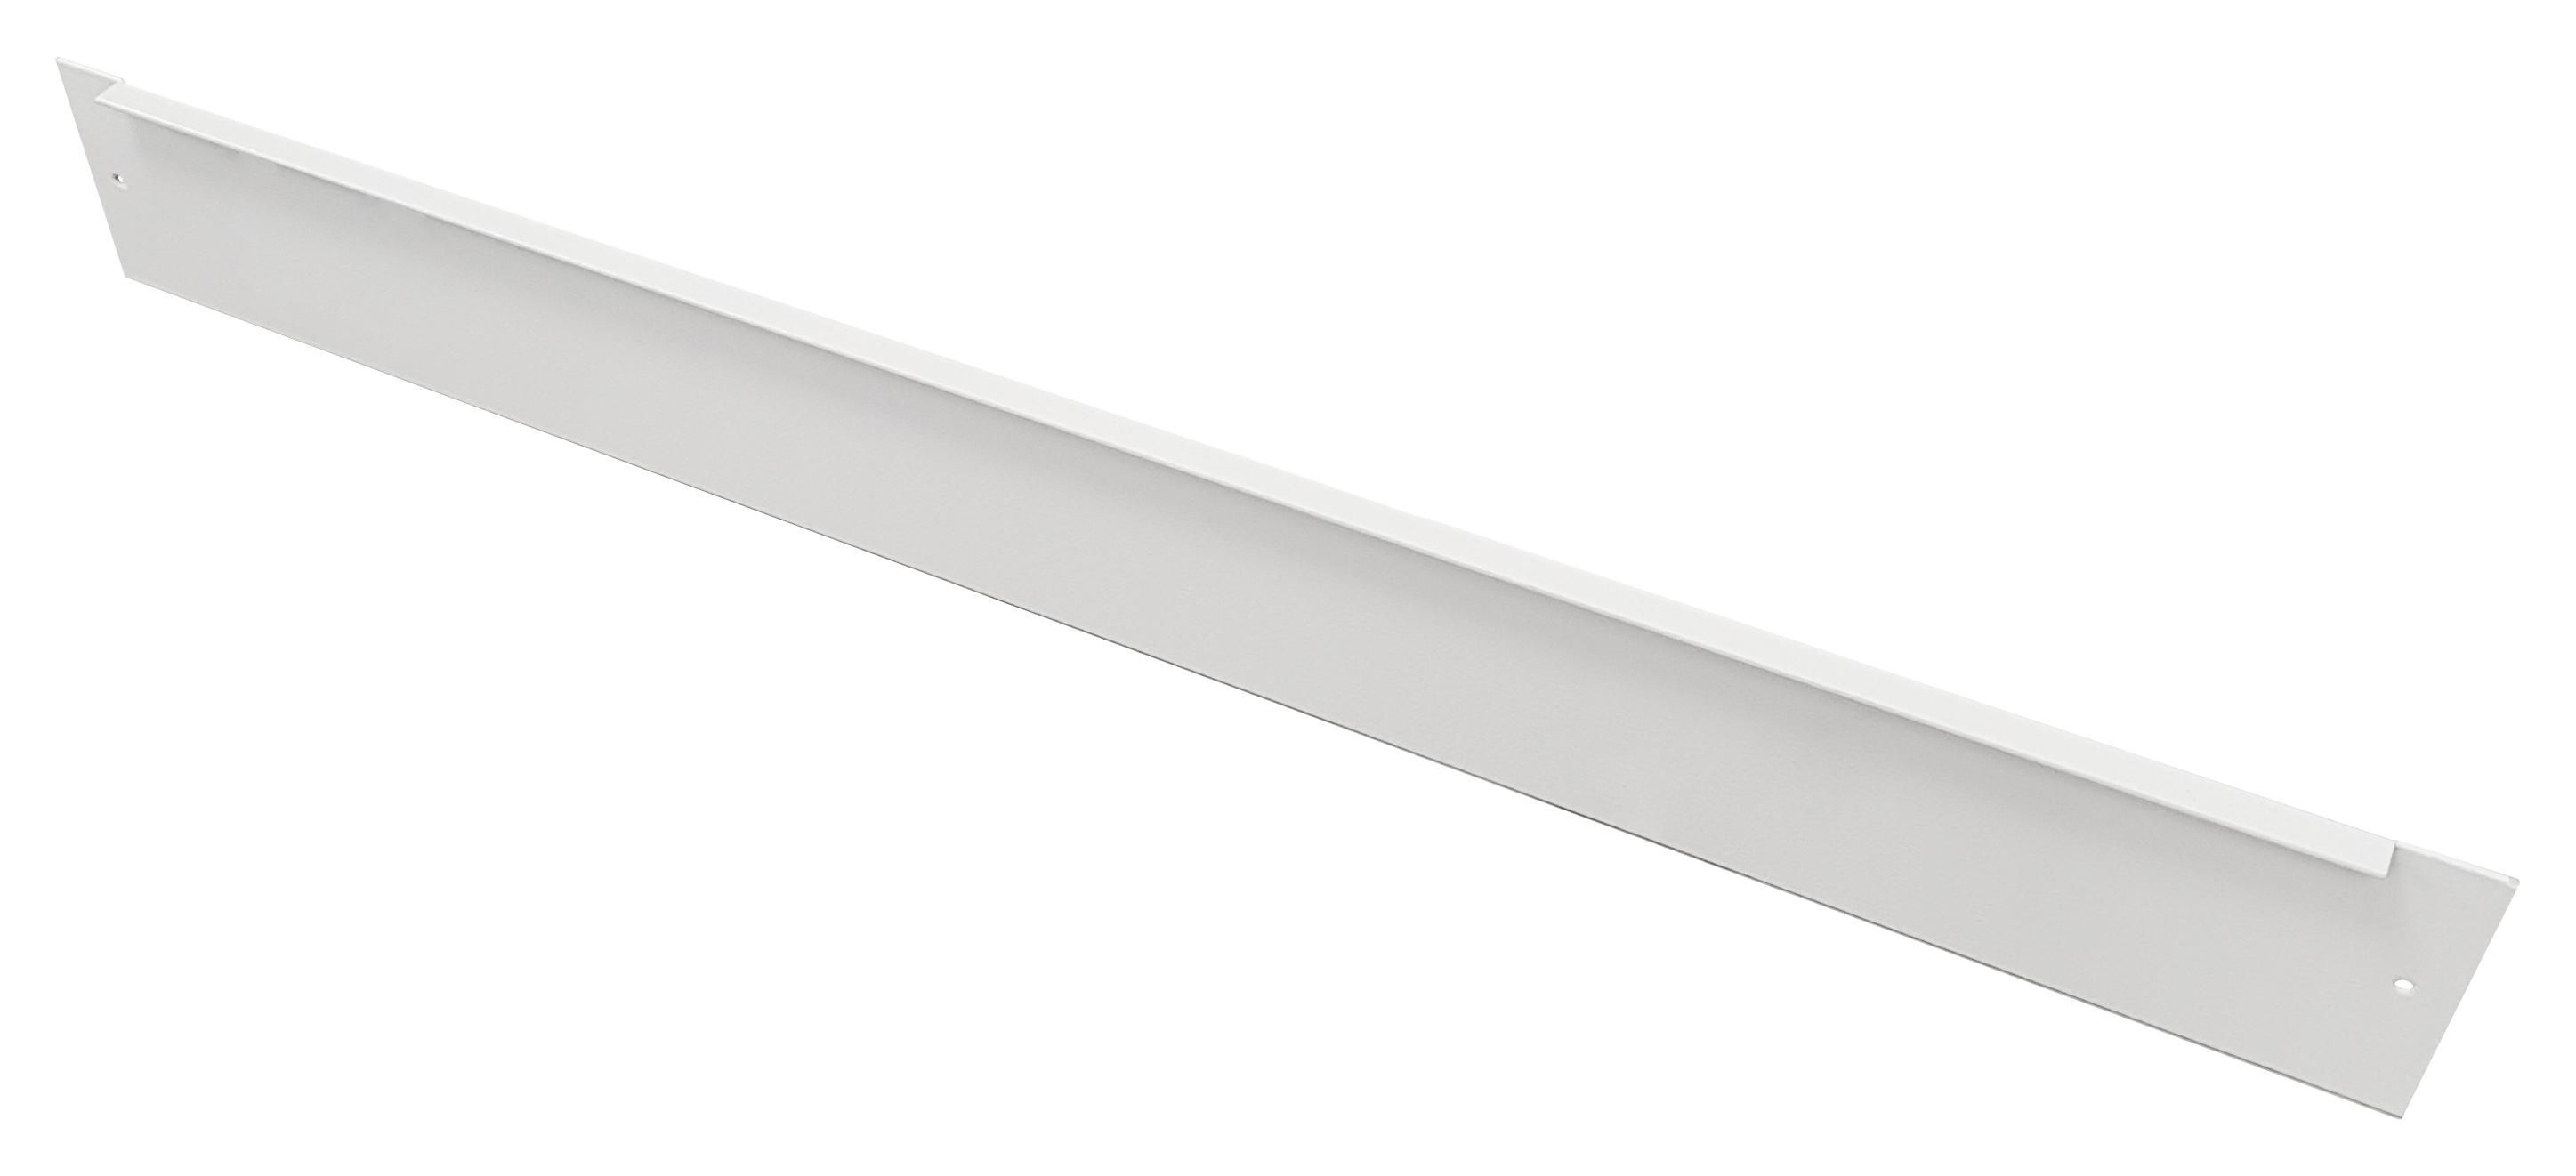 1 Stk Sockel-Frontrahmen für AP-Verteiler Breite 4 IL091400--